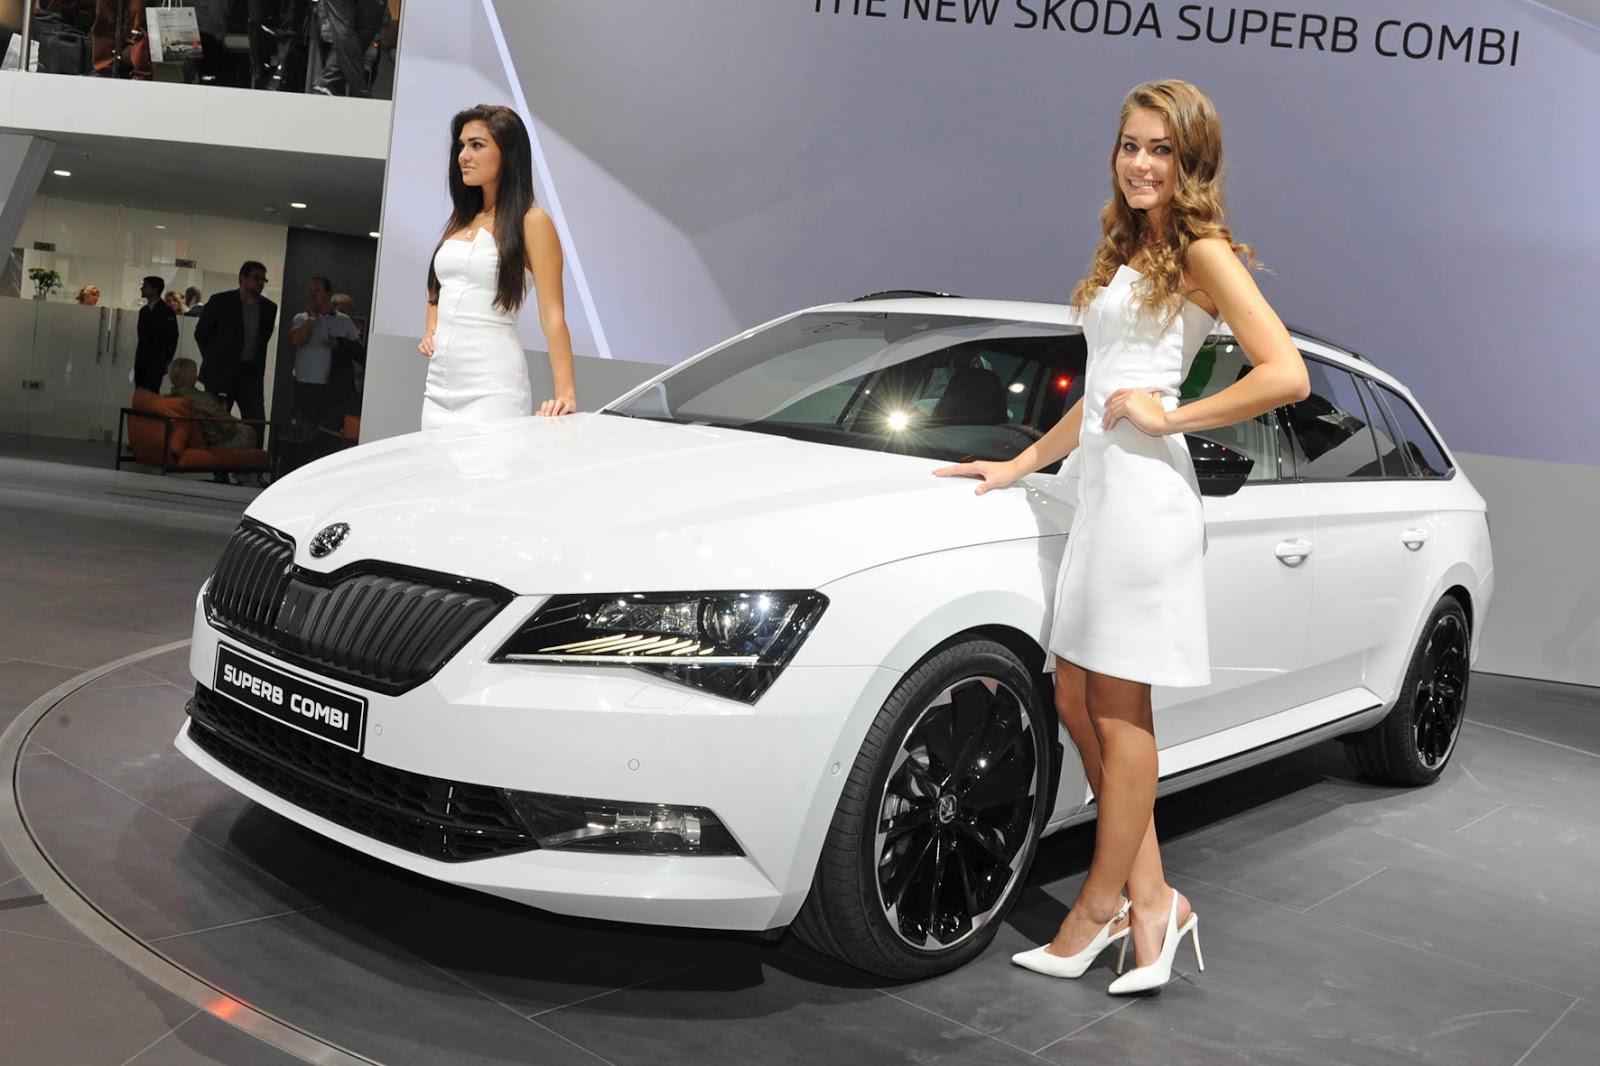 Iaa 2015 Koda Superb Combi Sportline Jetzt Wird S